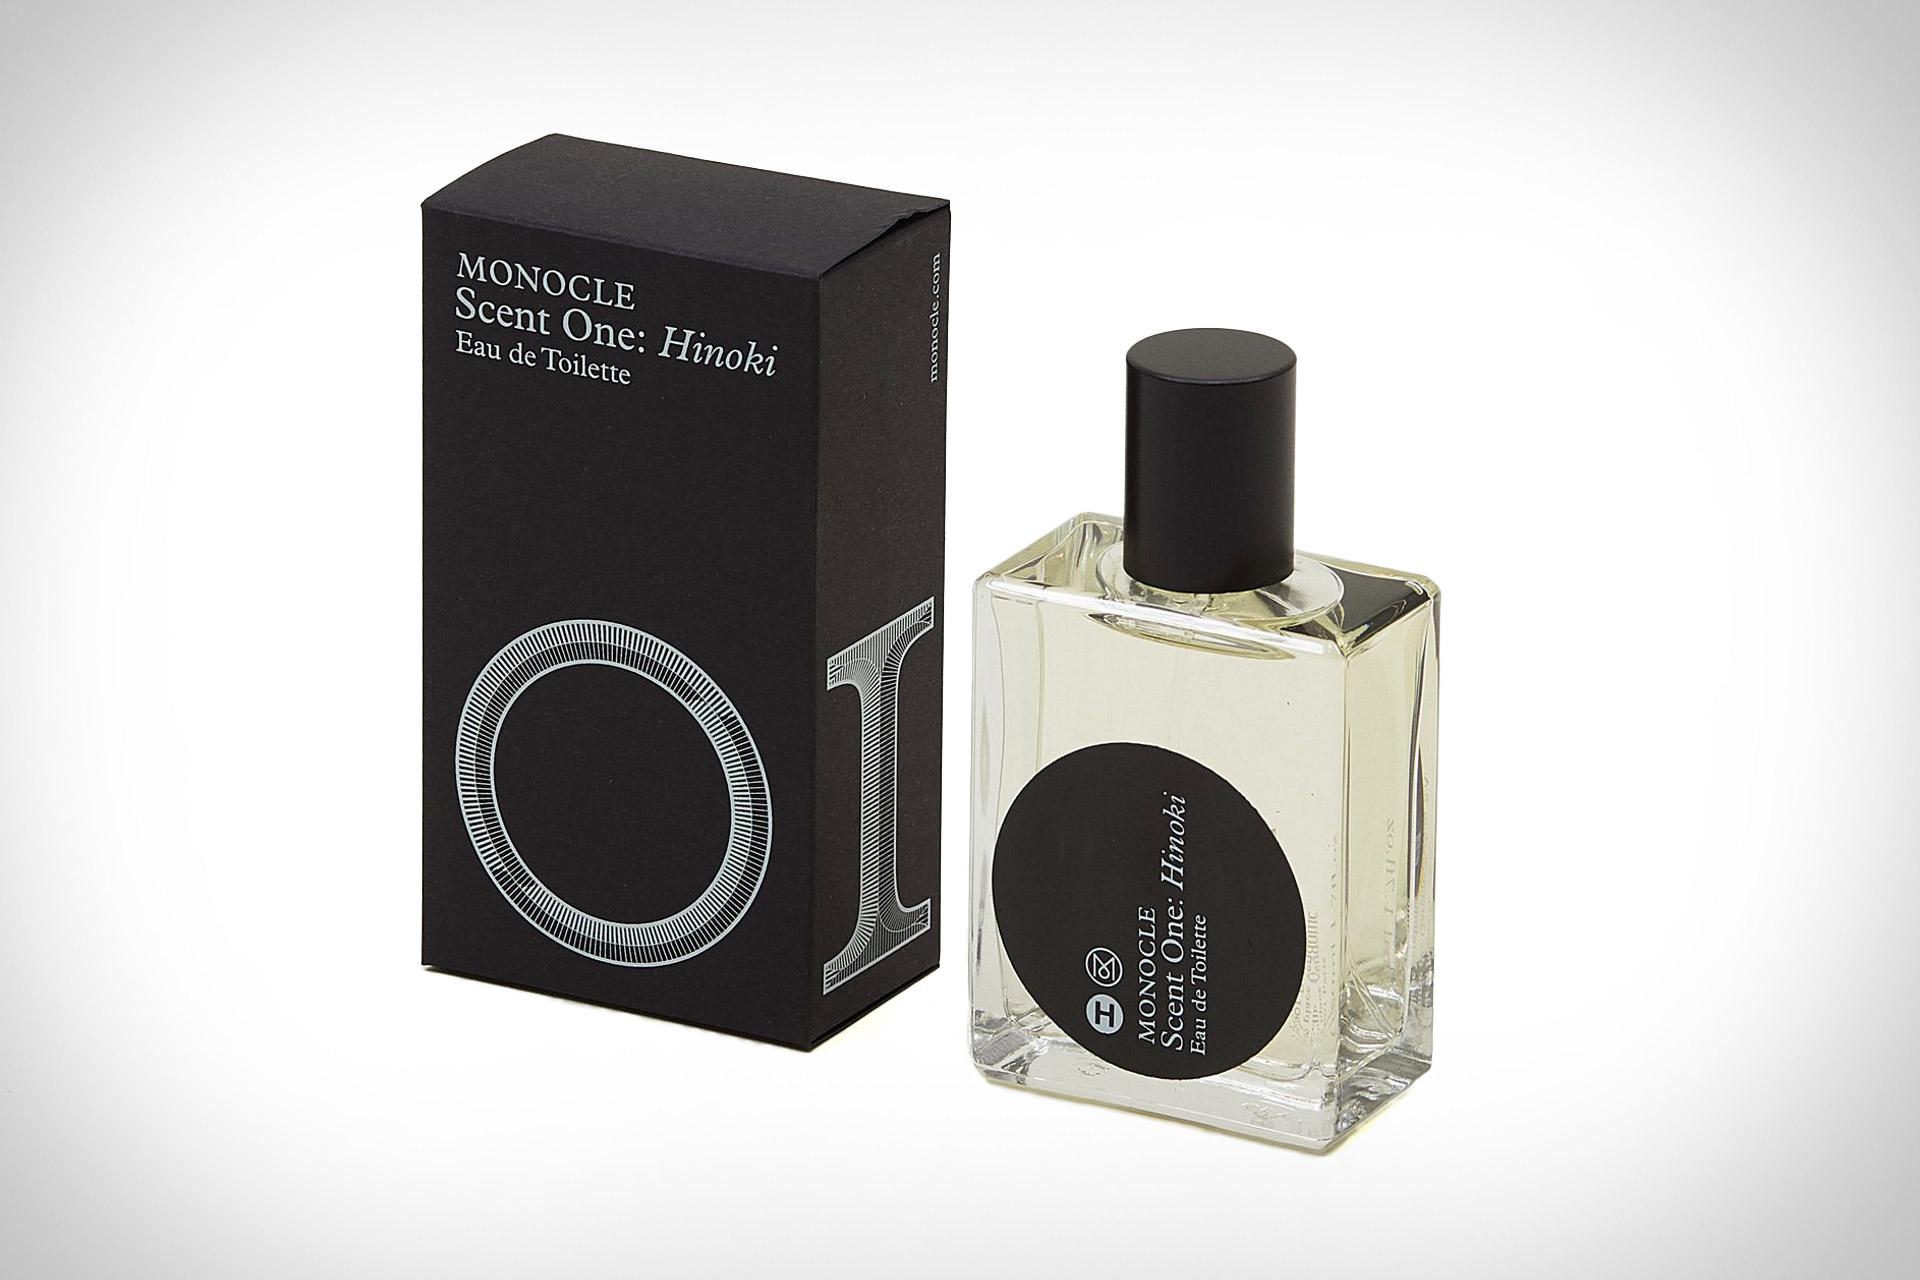 Les Parfums de Comme des Garcons x Monocle Cologne